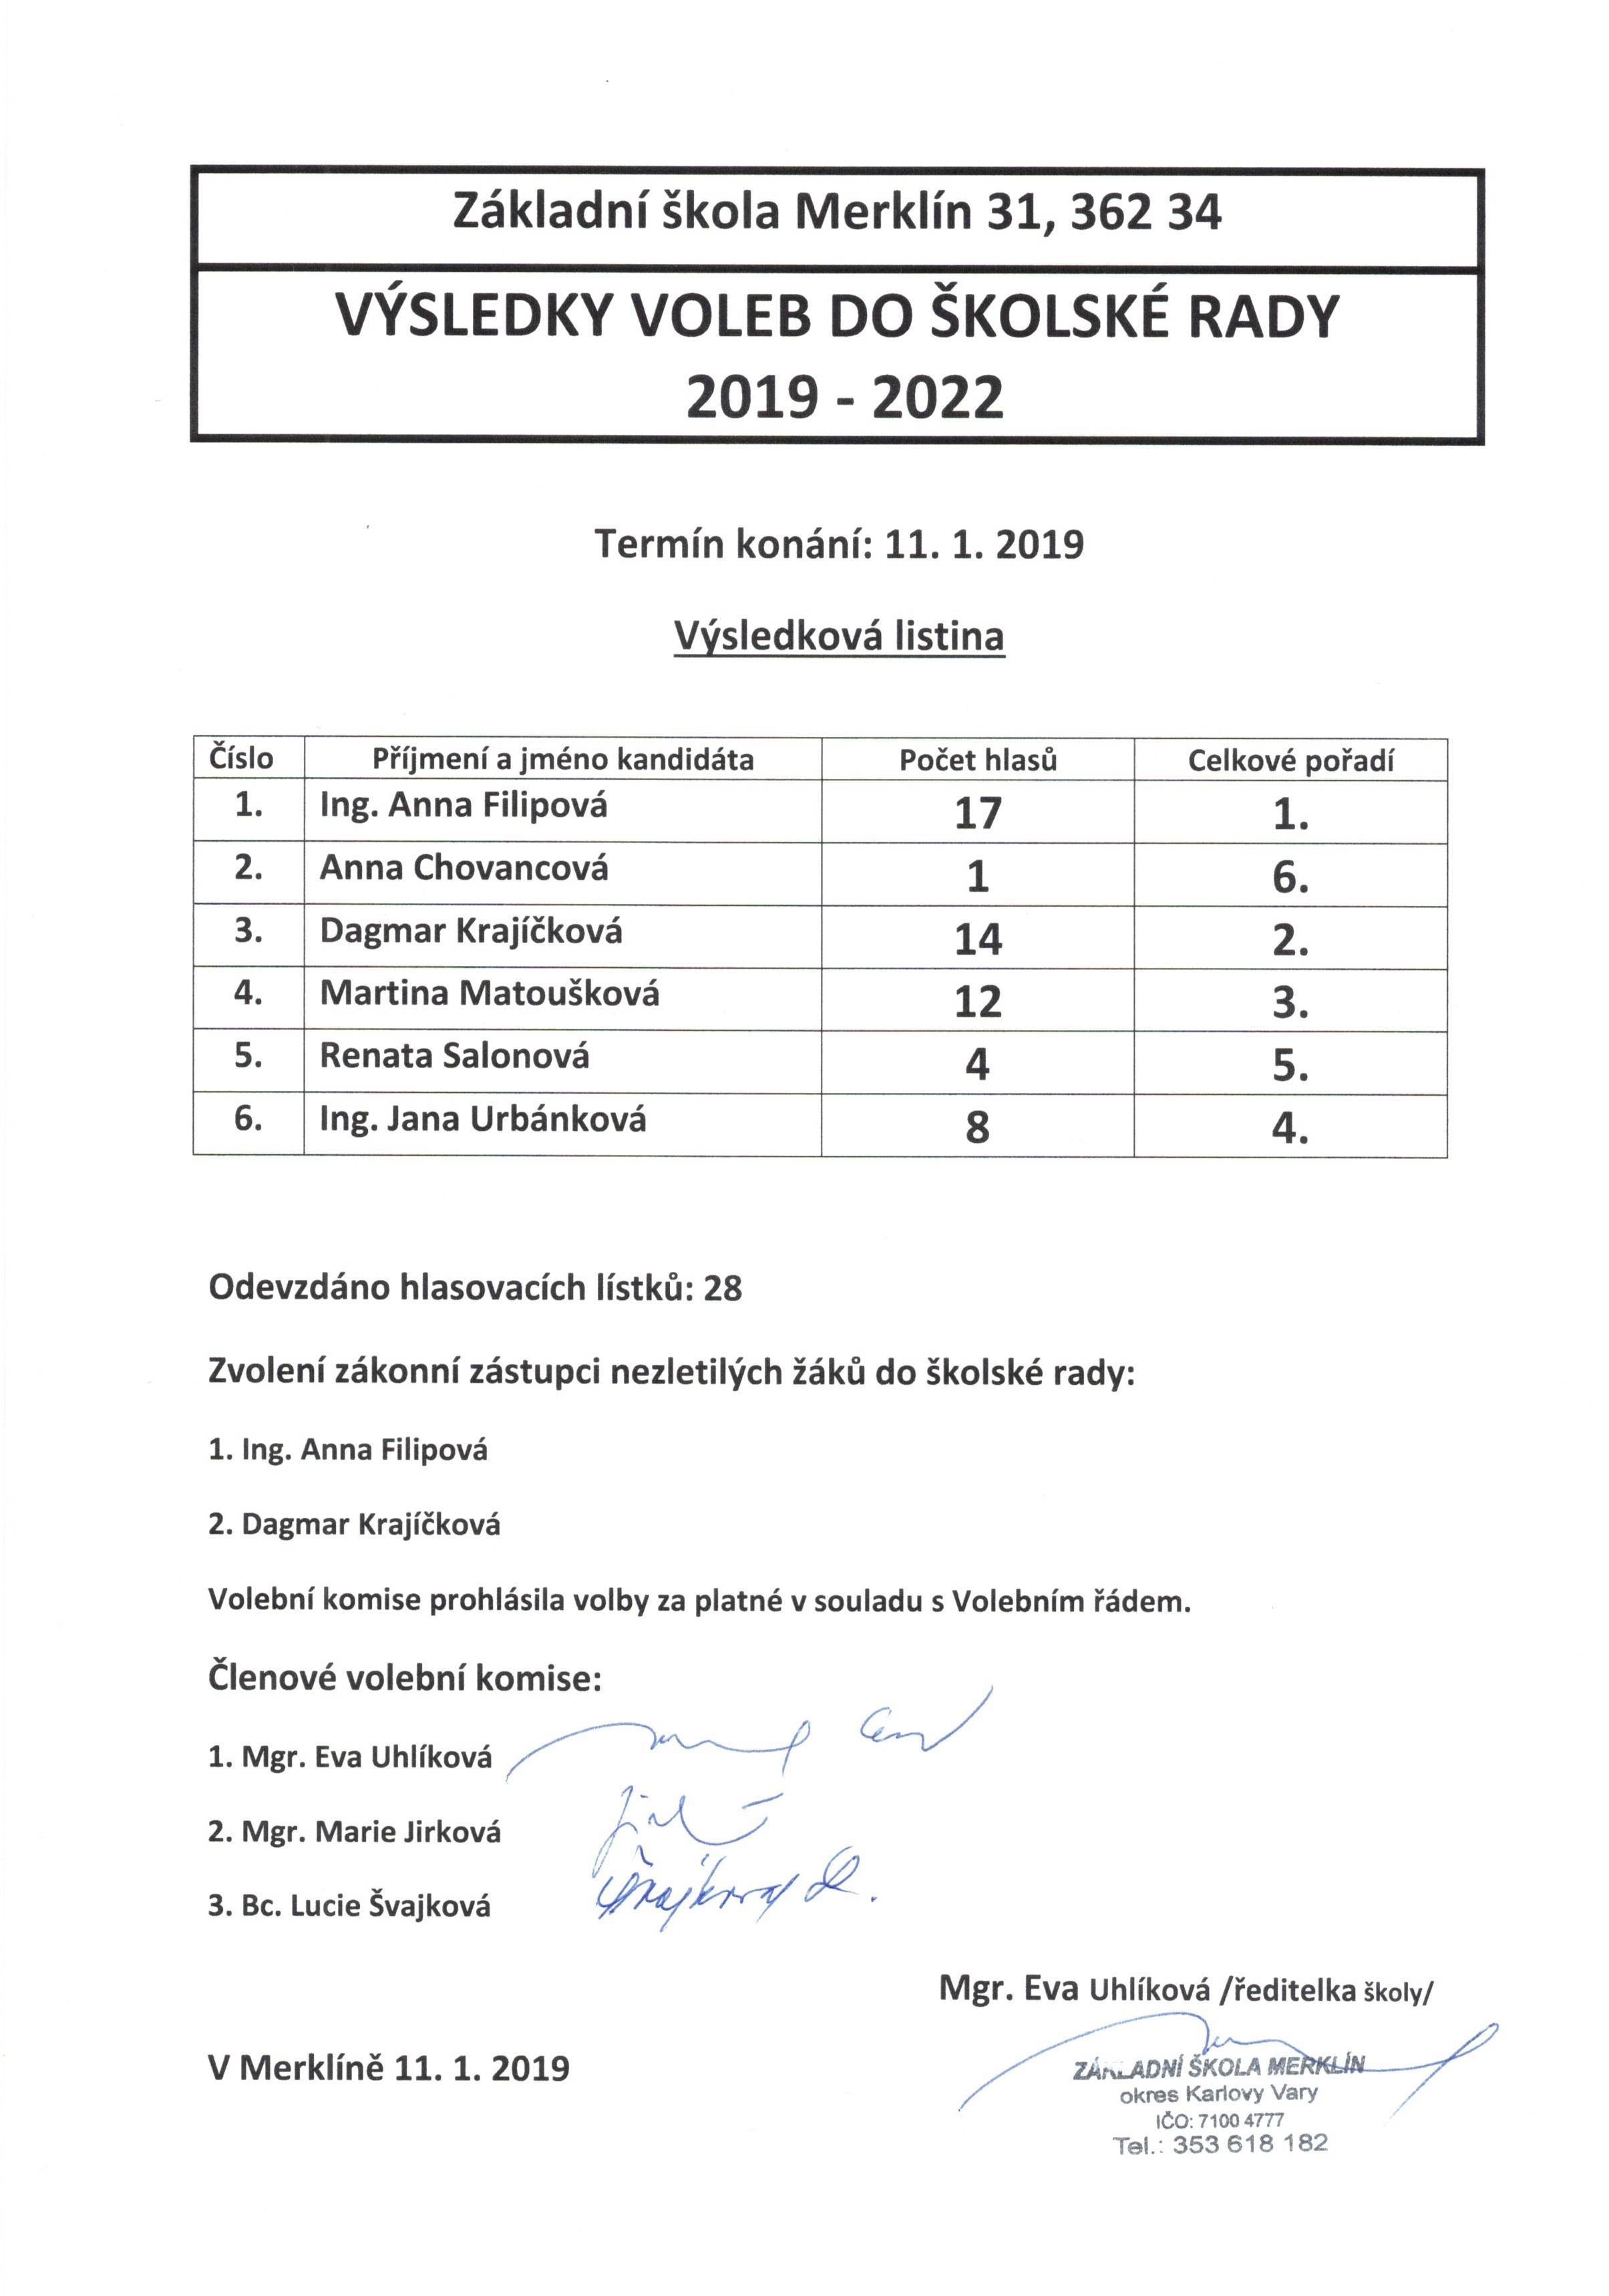 Výsledky voleb do ŠR